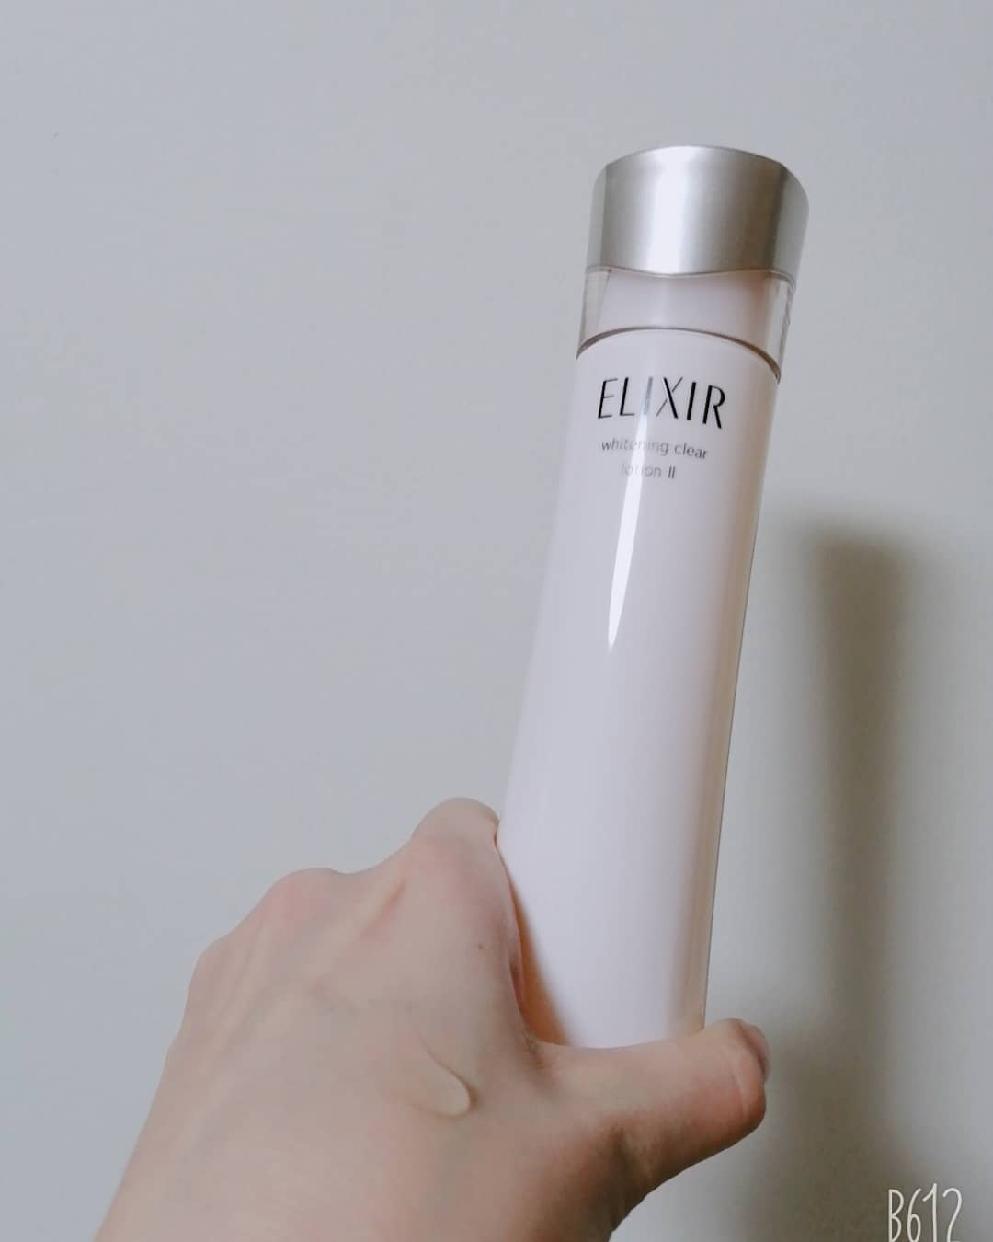 ELIXIR(エリクシール) ホワイト クリアローション T Ⅱを使ったJasさんのクチコミ画像2